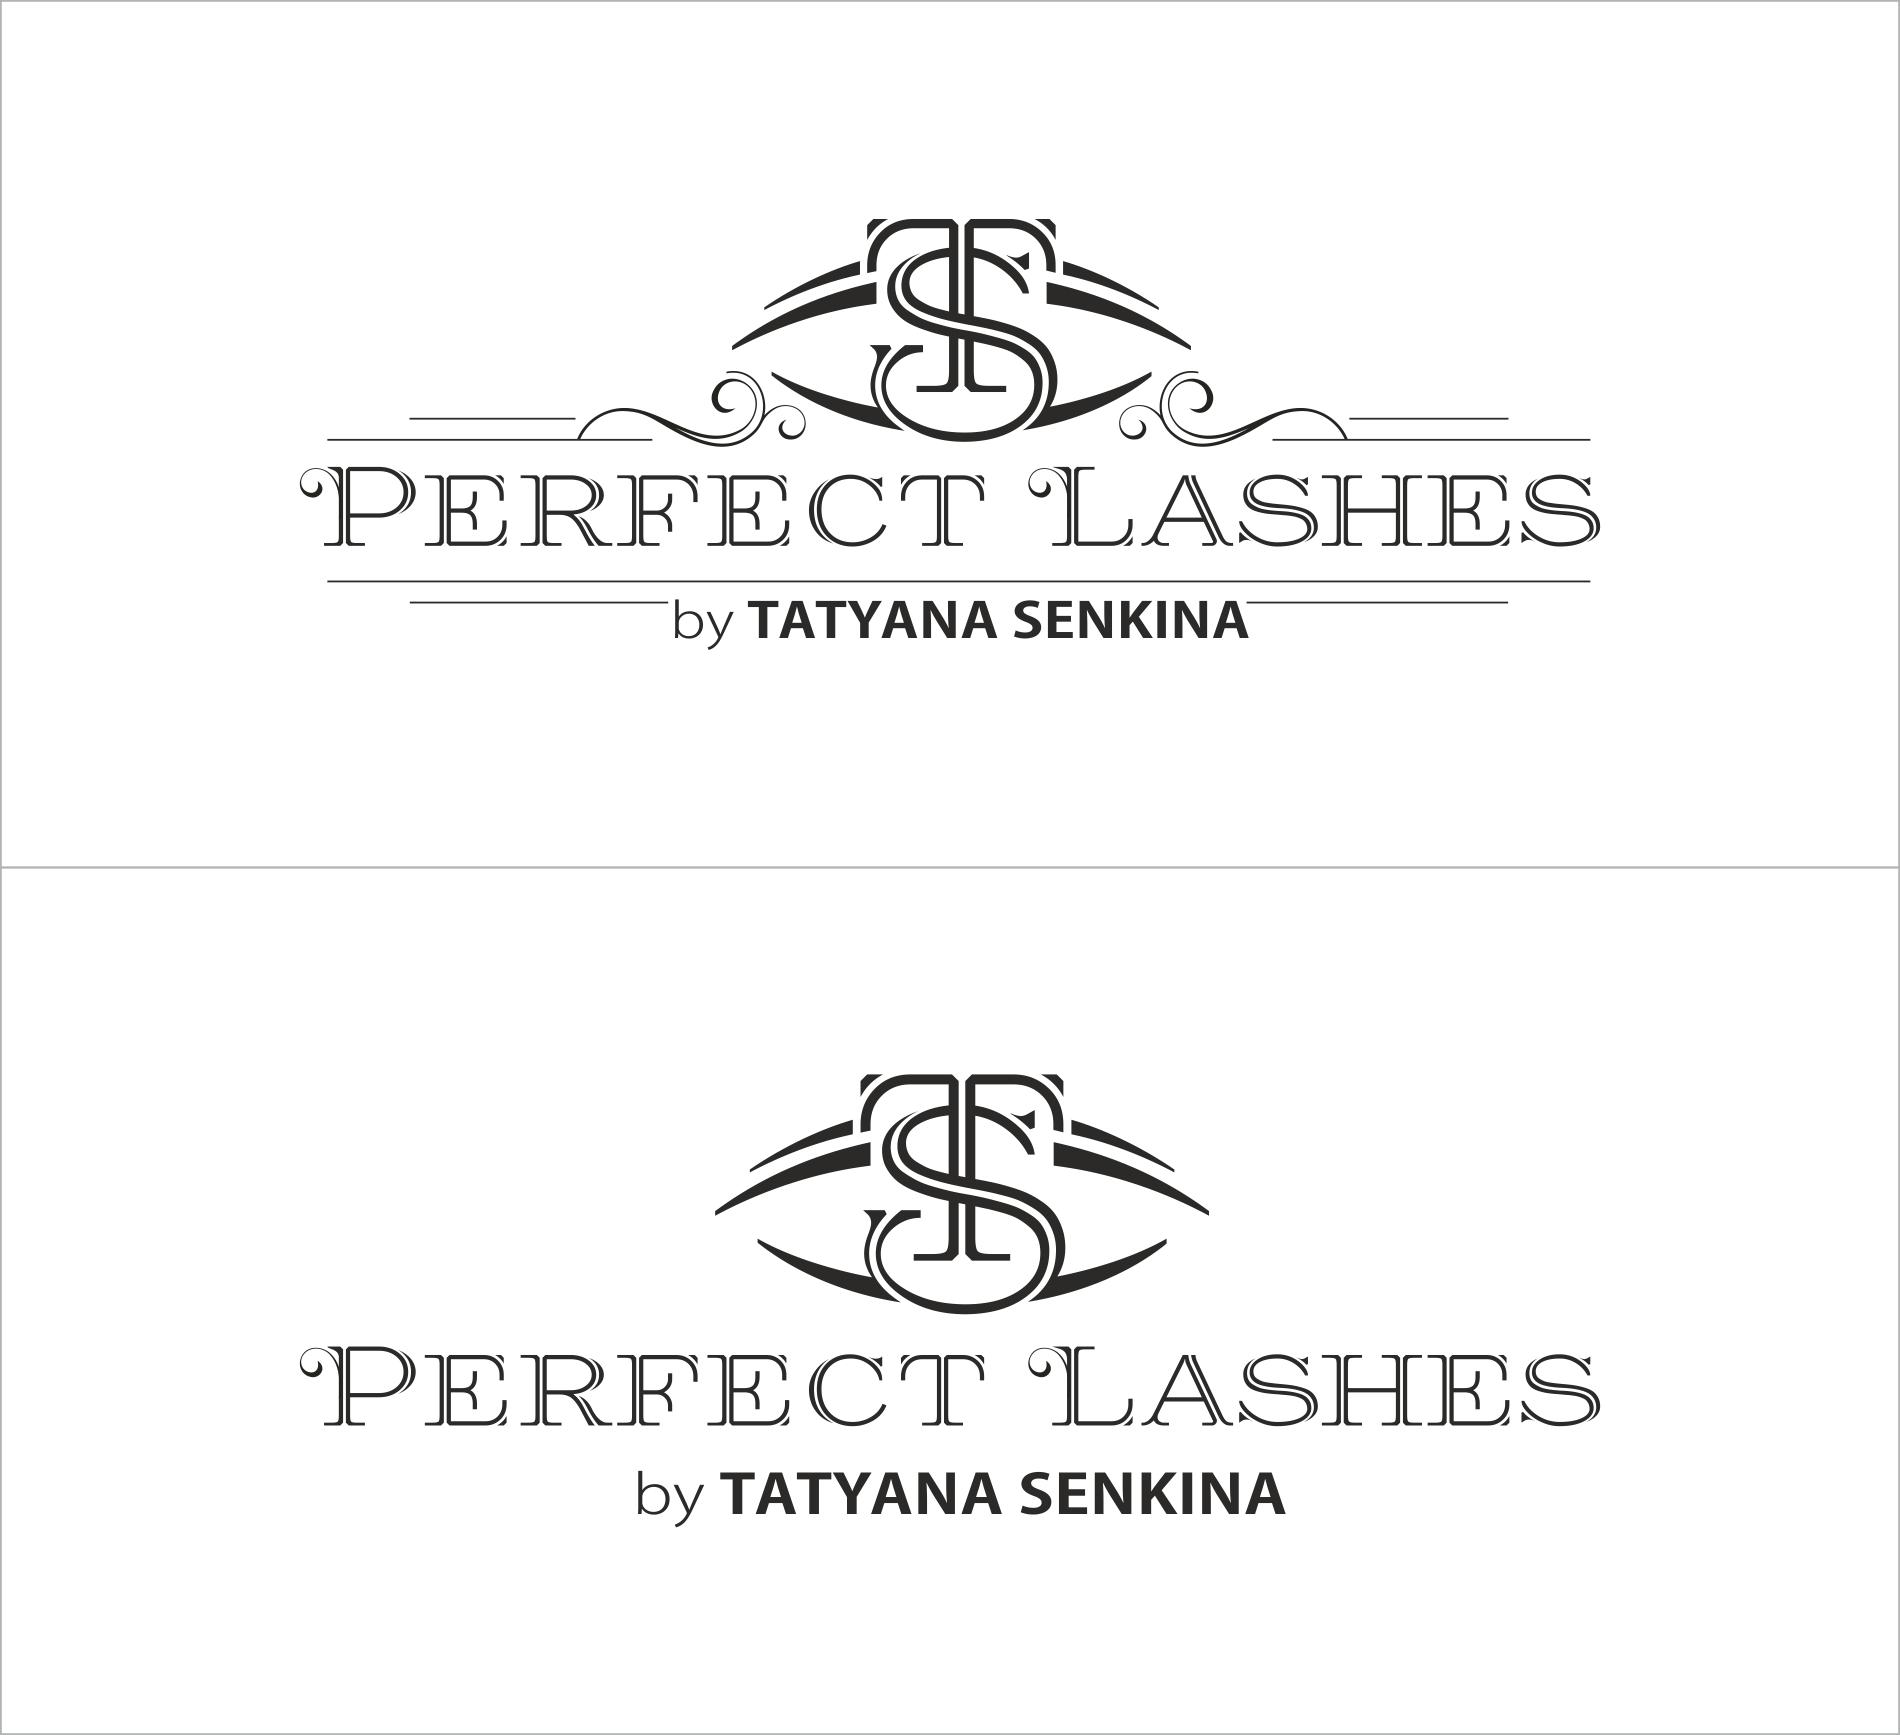 Набросок логотипа Perfect Lashes1